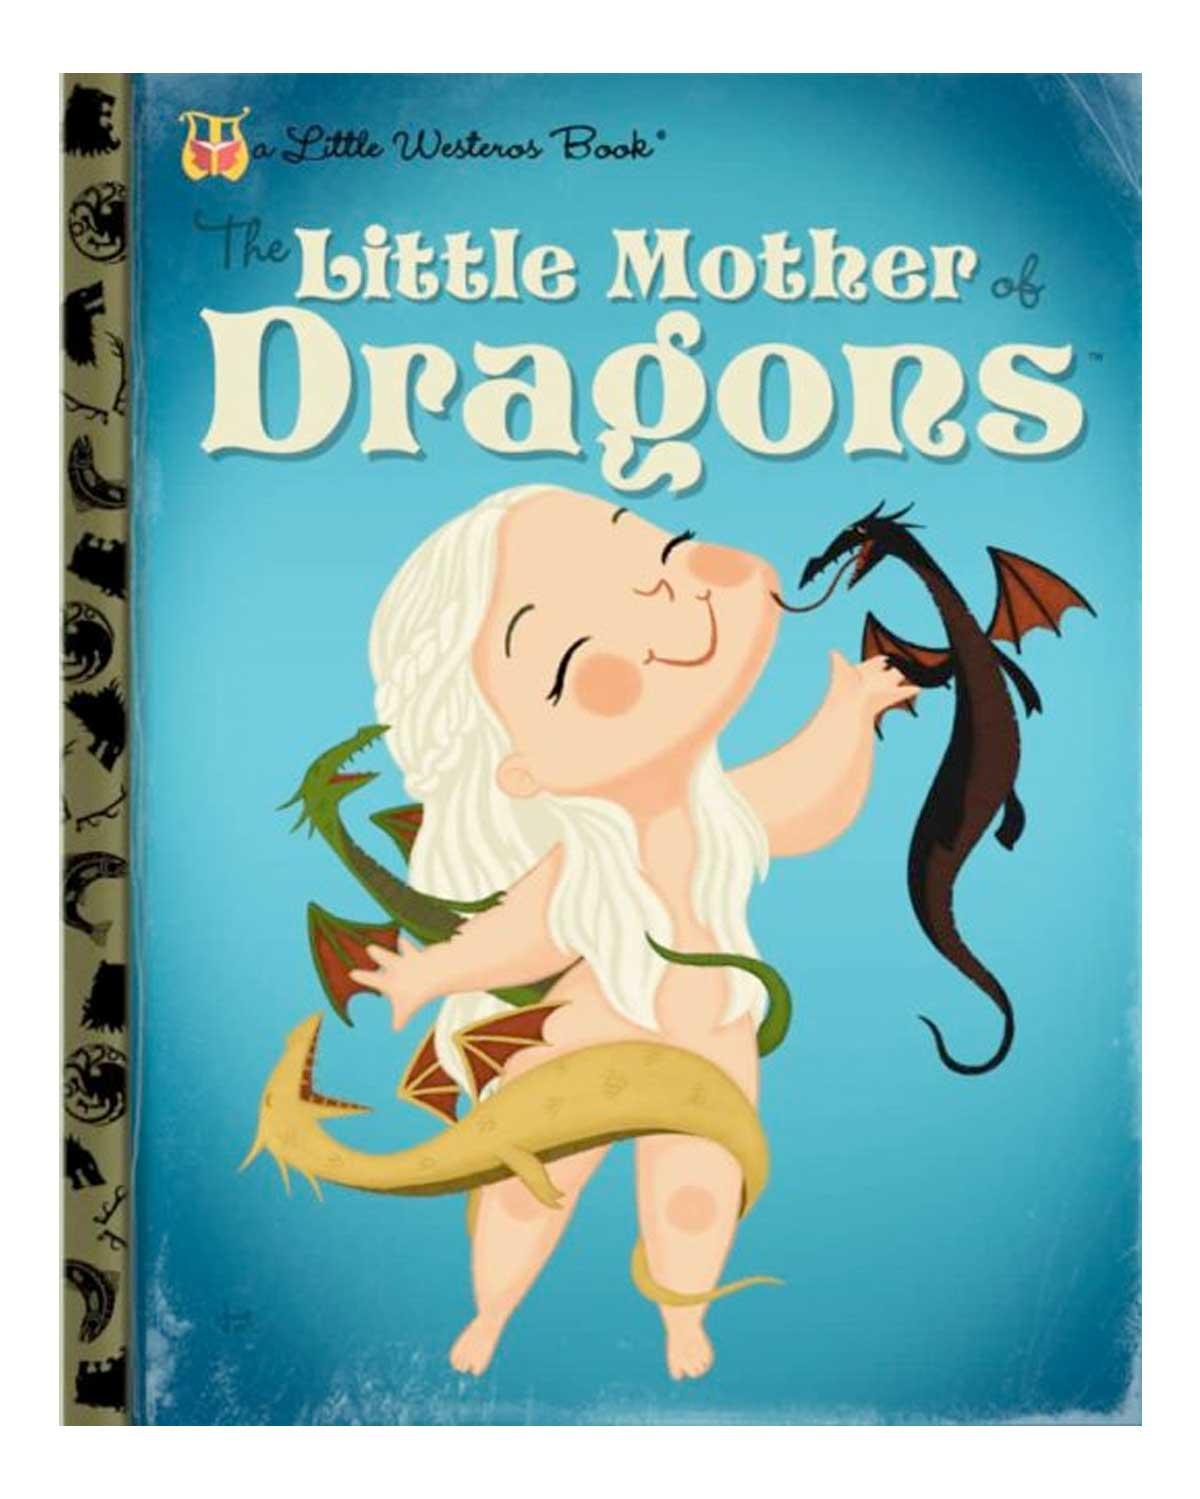 Çocuk Kitapları Joey Spiotto'nun Popüler Karakterleriyle Can Bulursa